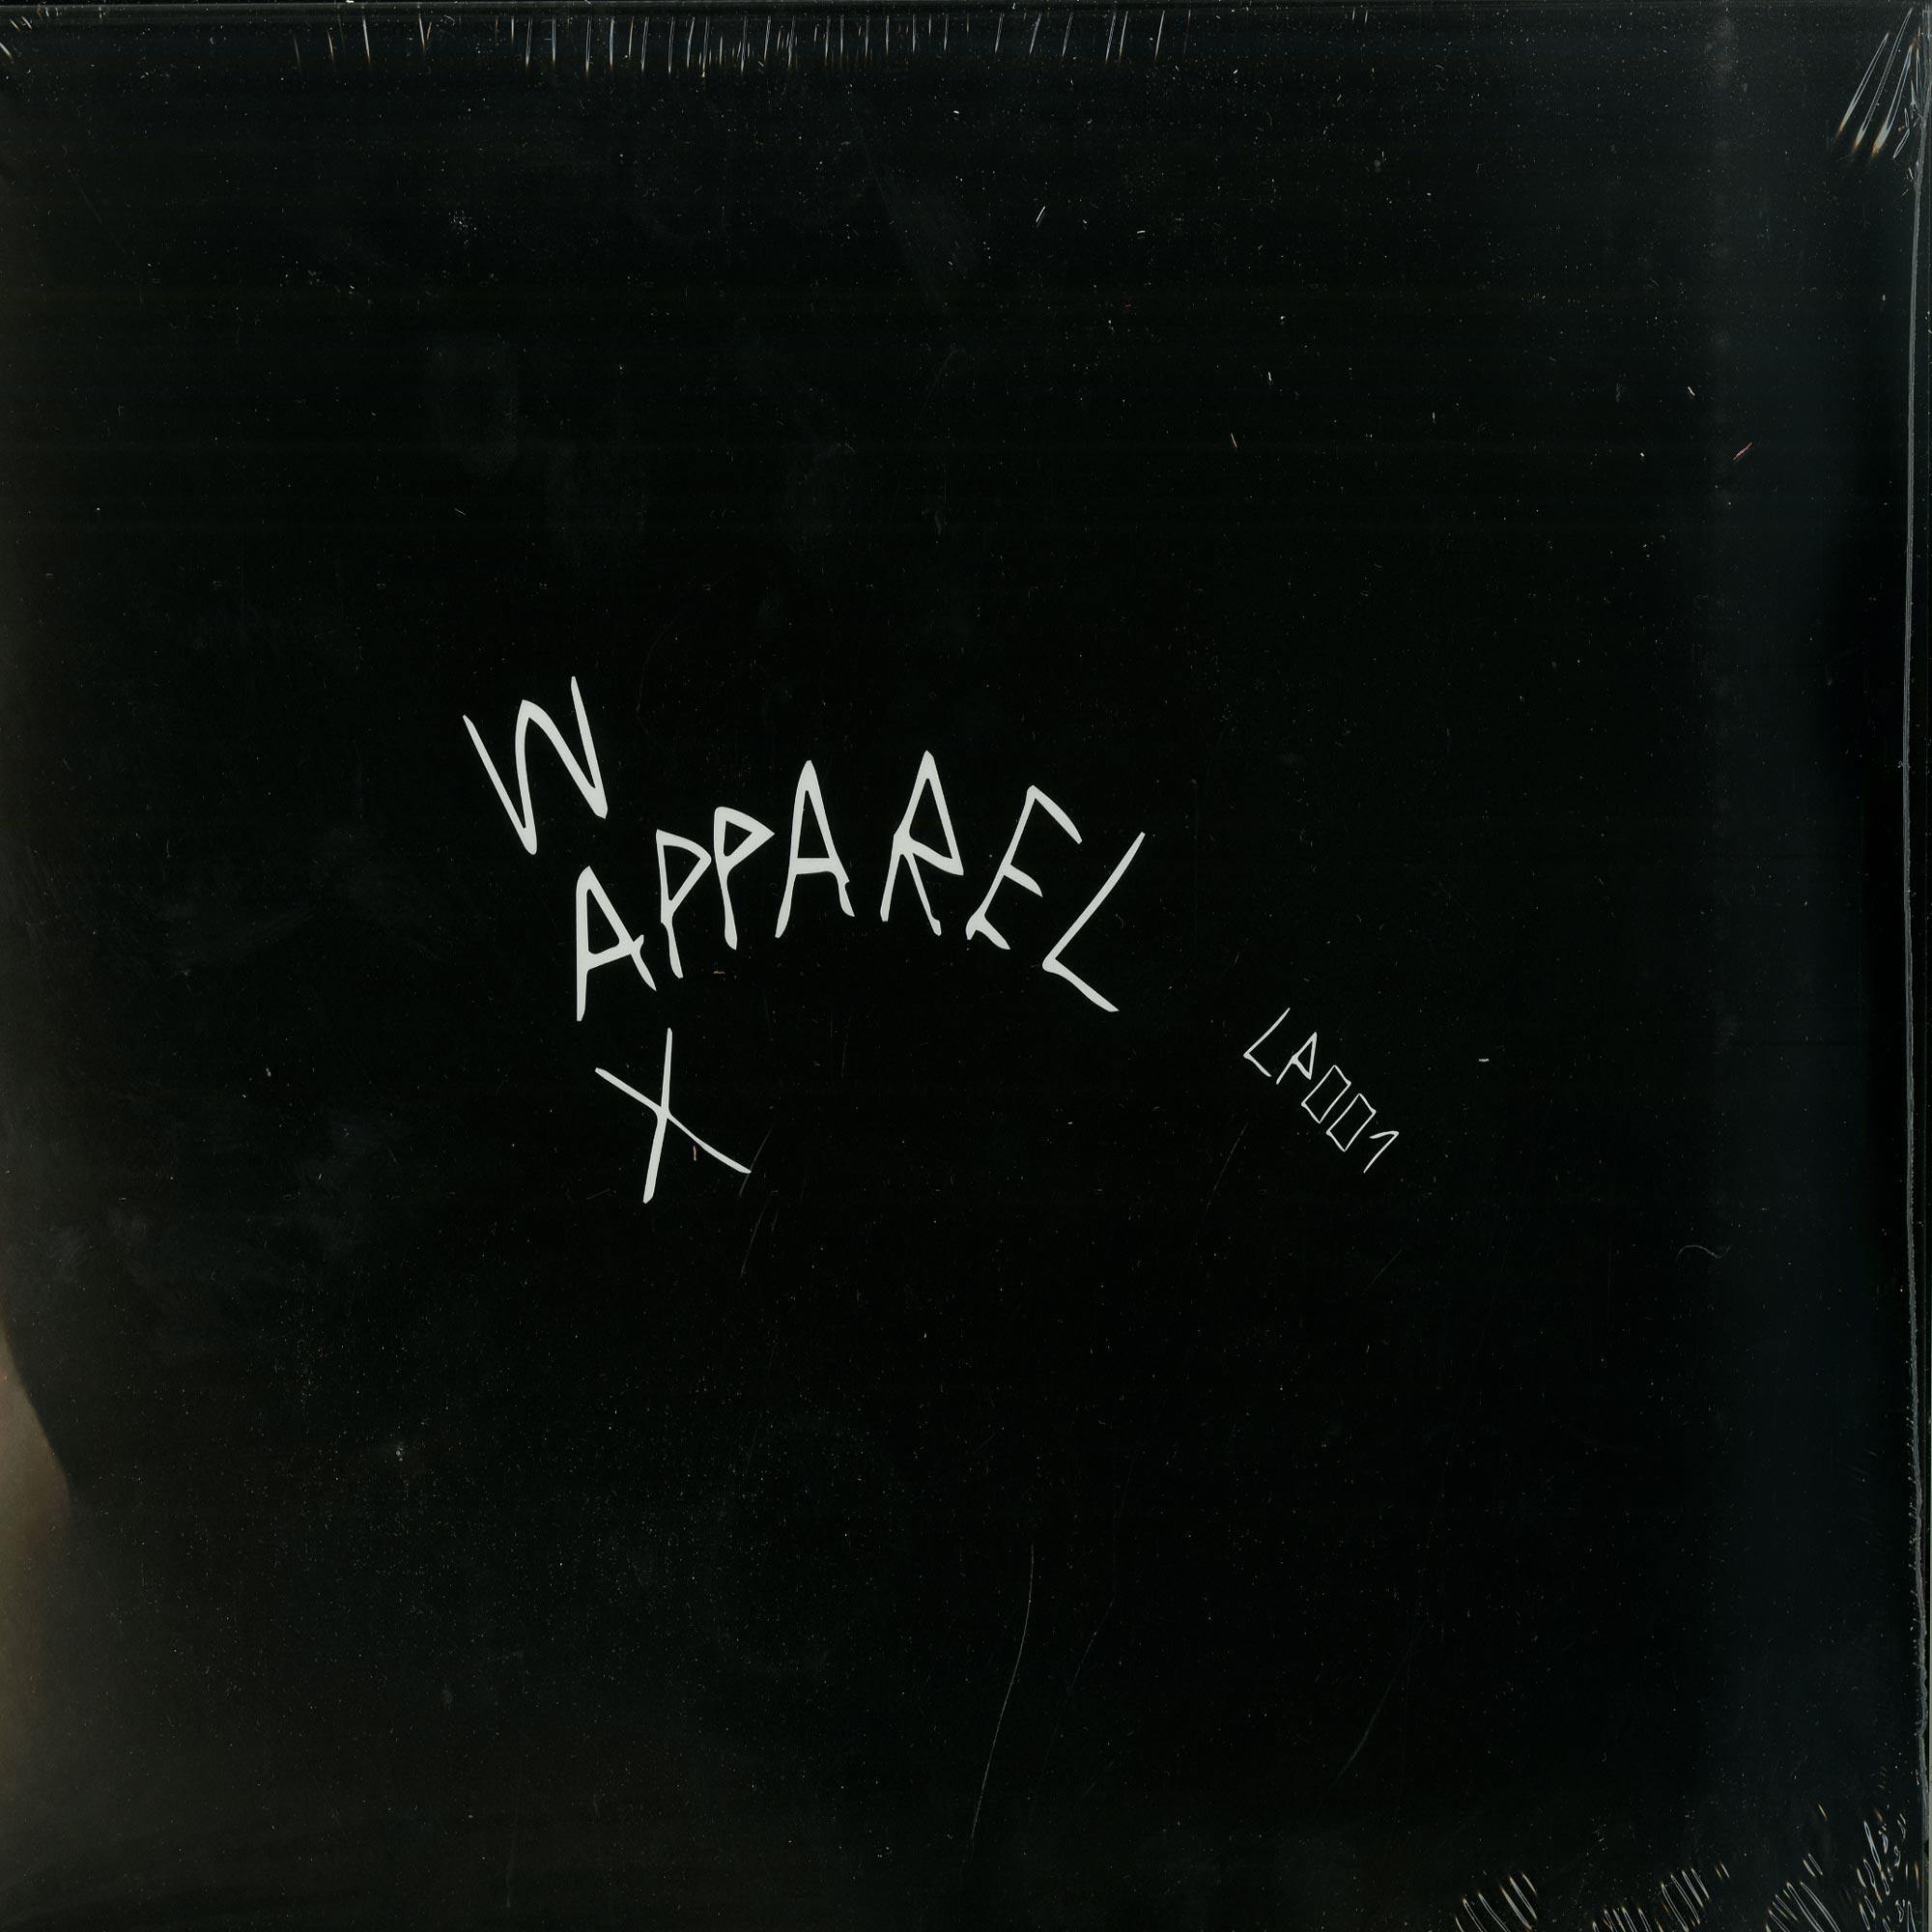 Apparel Wax - LP001